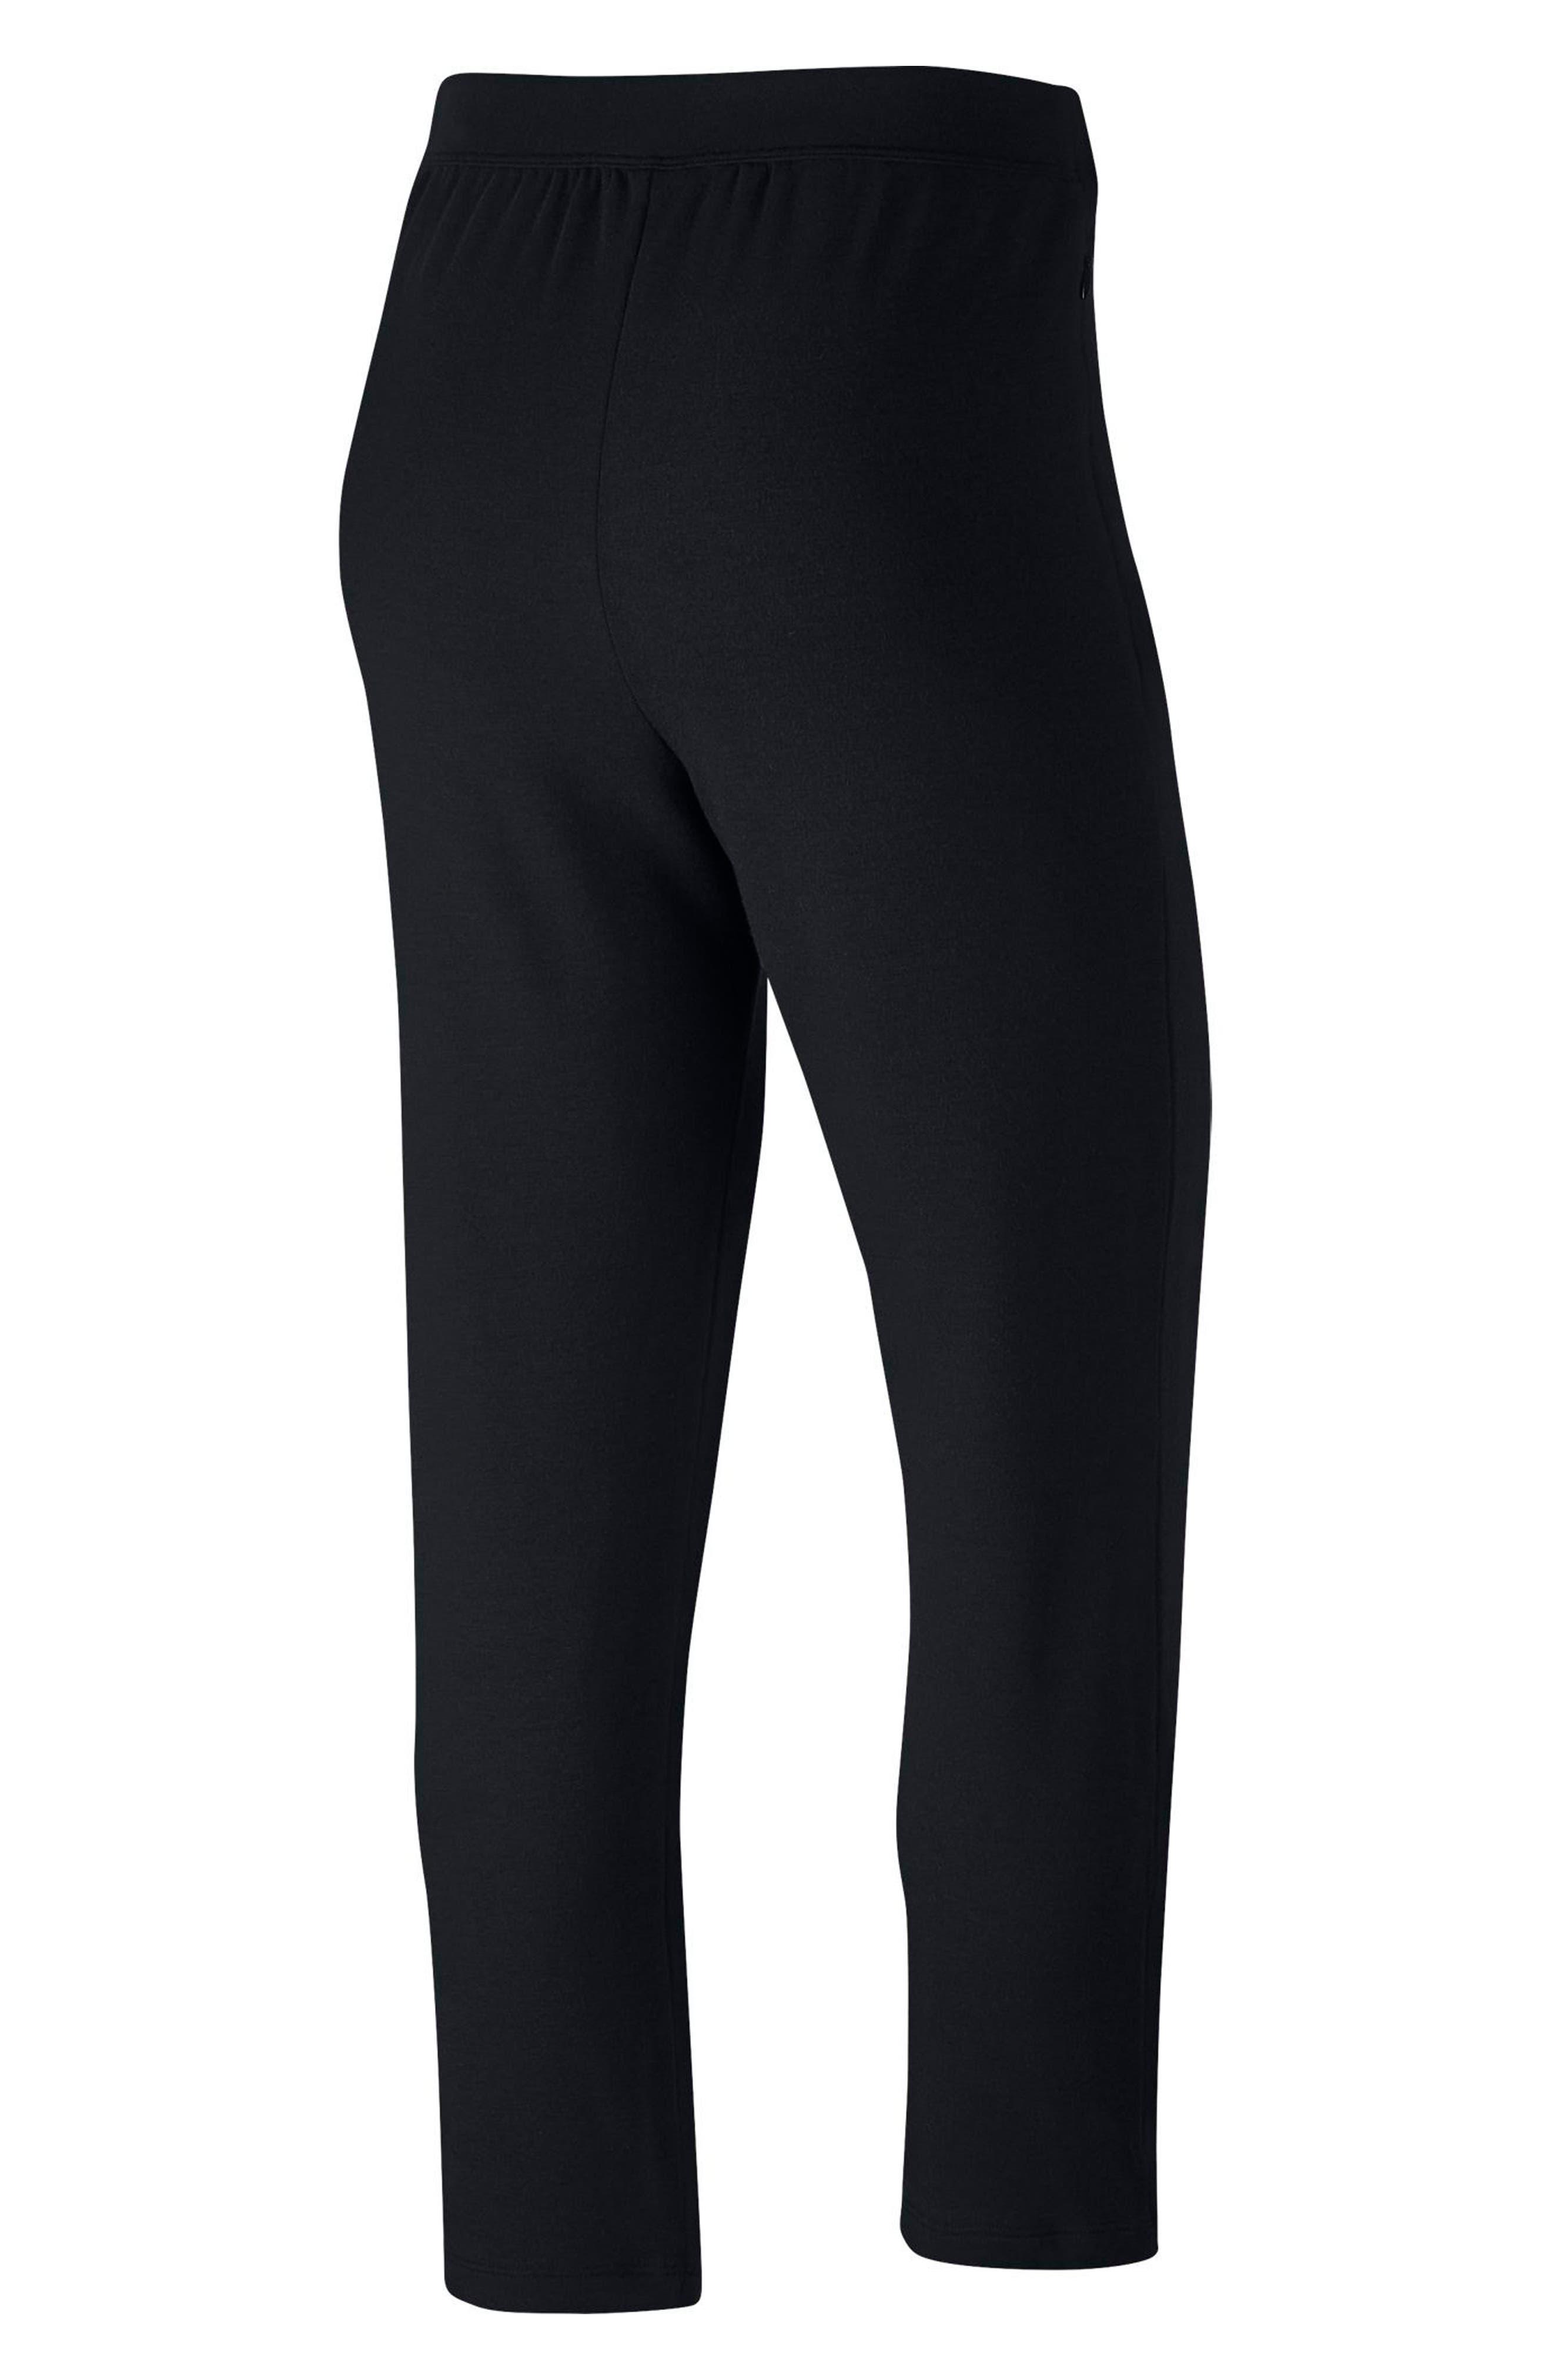 NIKE,                             Dry Studio Training Pants,                             Alternate thumbnail 8, color,                             BLACK/ BLACK